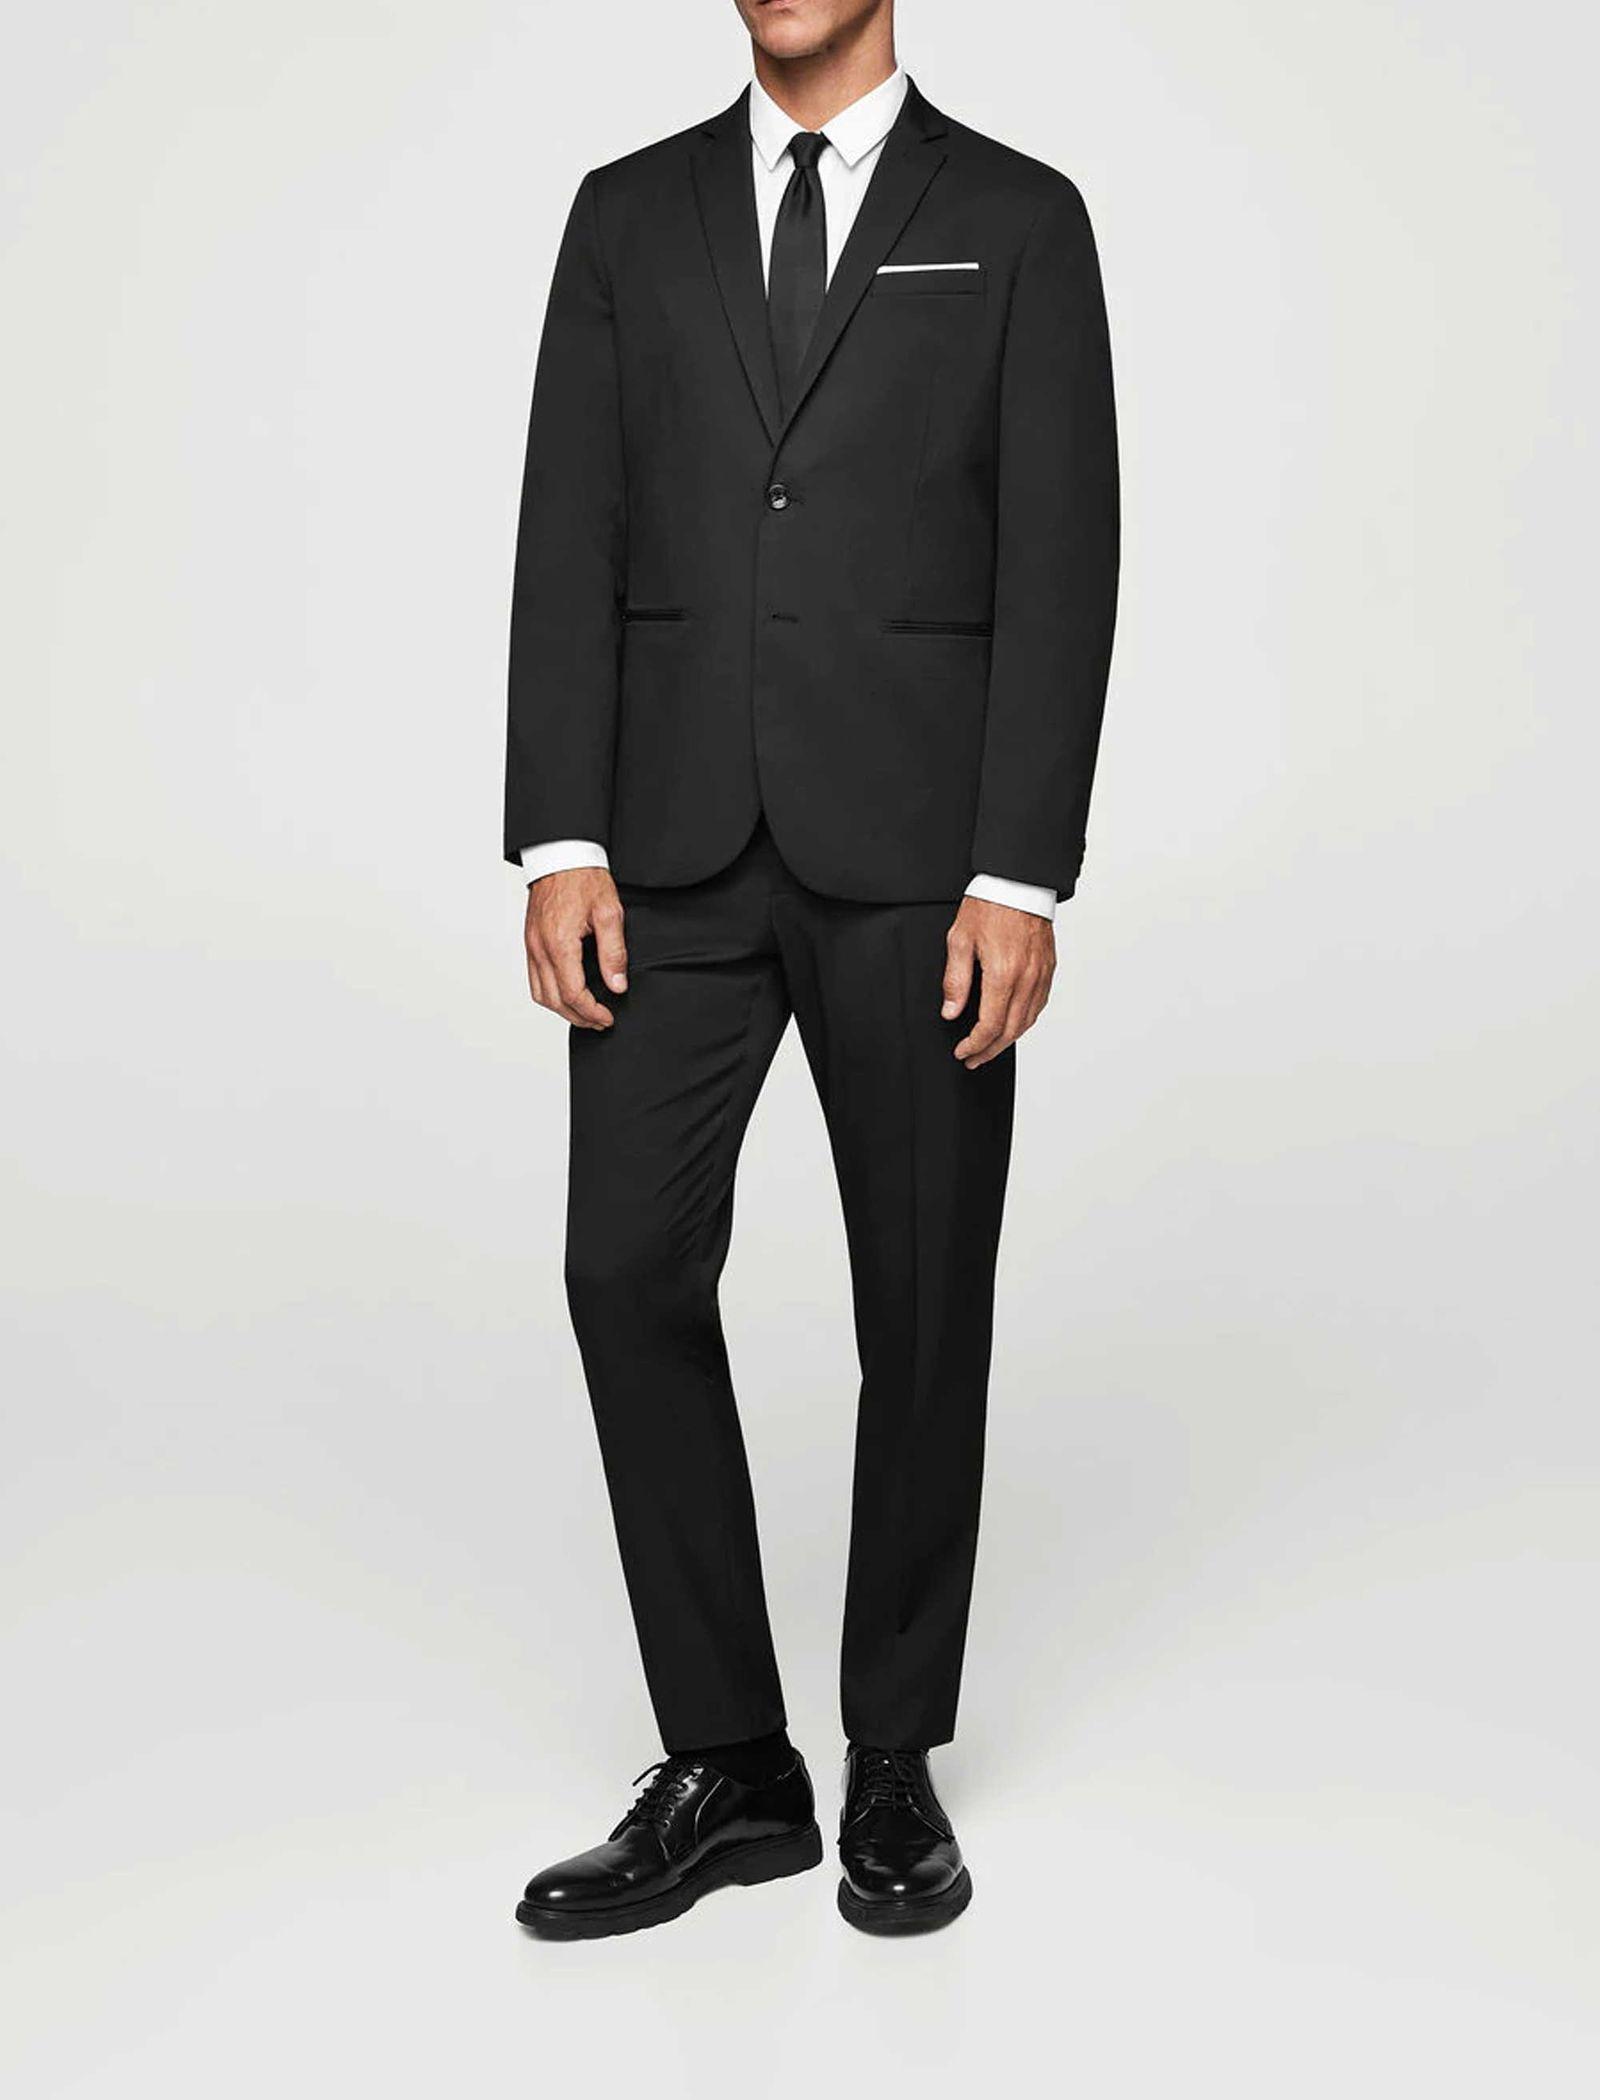 کت تک رسمی مردانه - مانگو - مشکي - 1